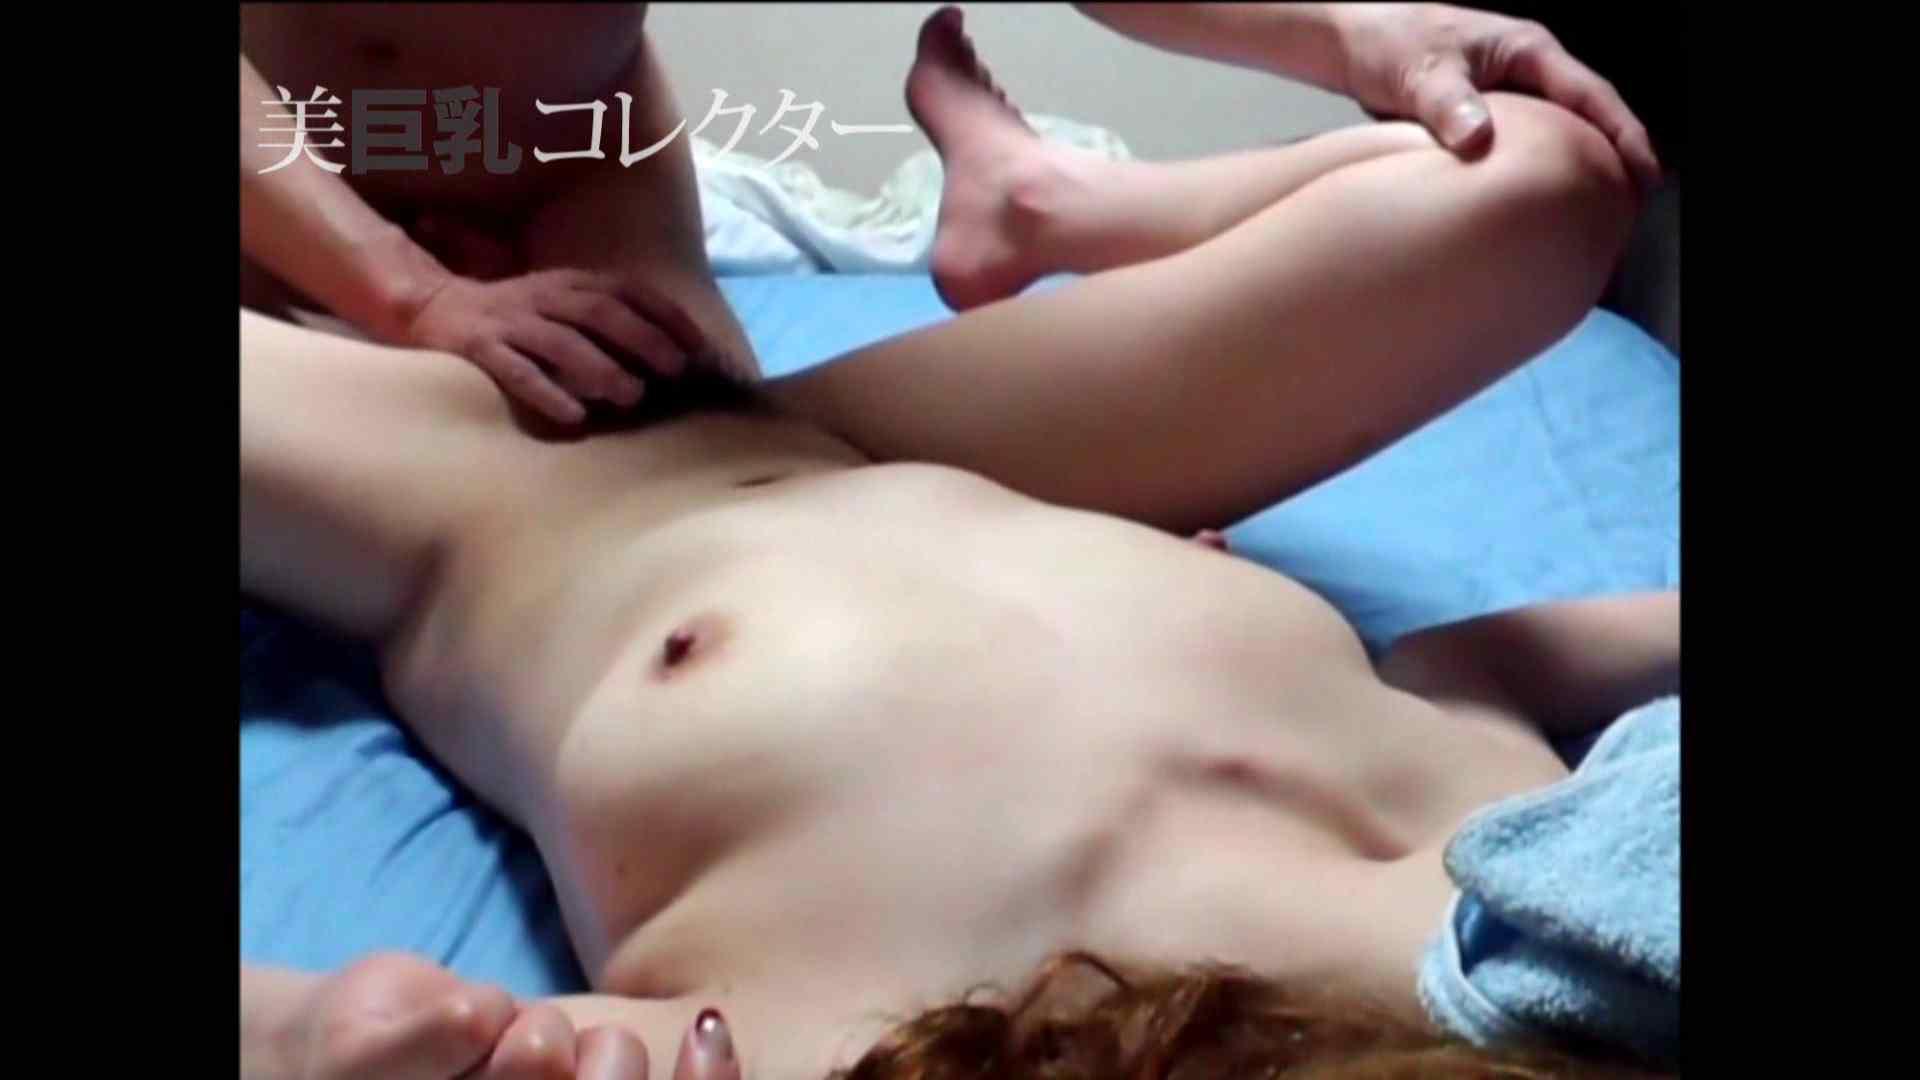 泥酔スレンダー巨乳美女 娘   美女  76連発 9